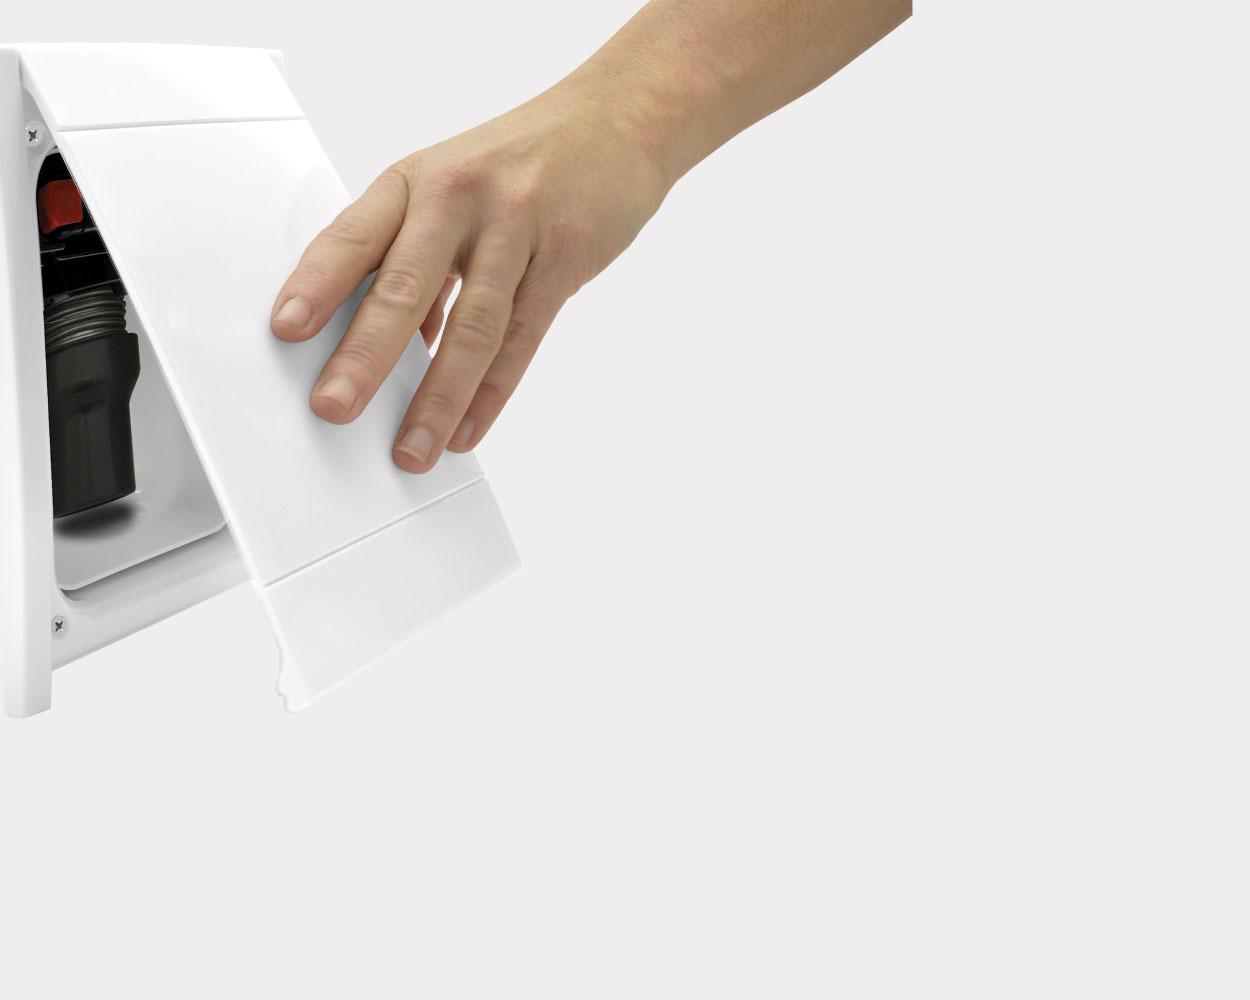 Presa aspirante Retraflex per sistema aspirapolvere centralizzato con tubo a scomparsa